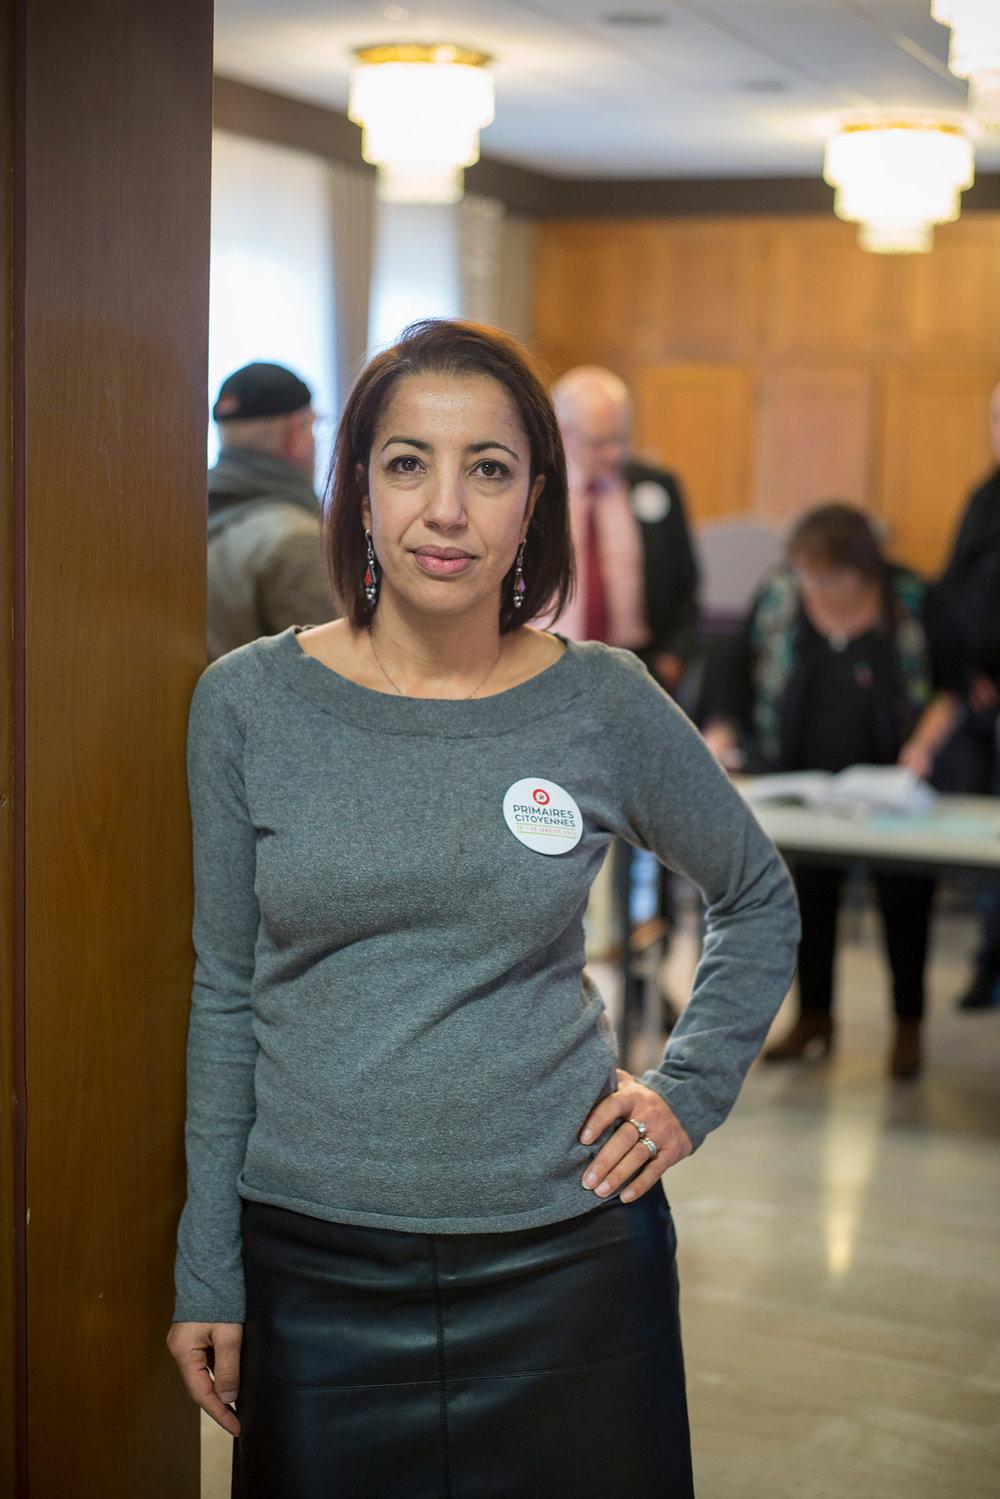 Aïcha Hatri, militante PS depuis 2008 et présidente des l'un de bureaux de Fameck. Moselle, 22 janvier 2017